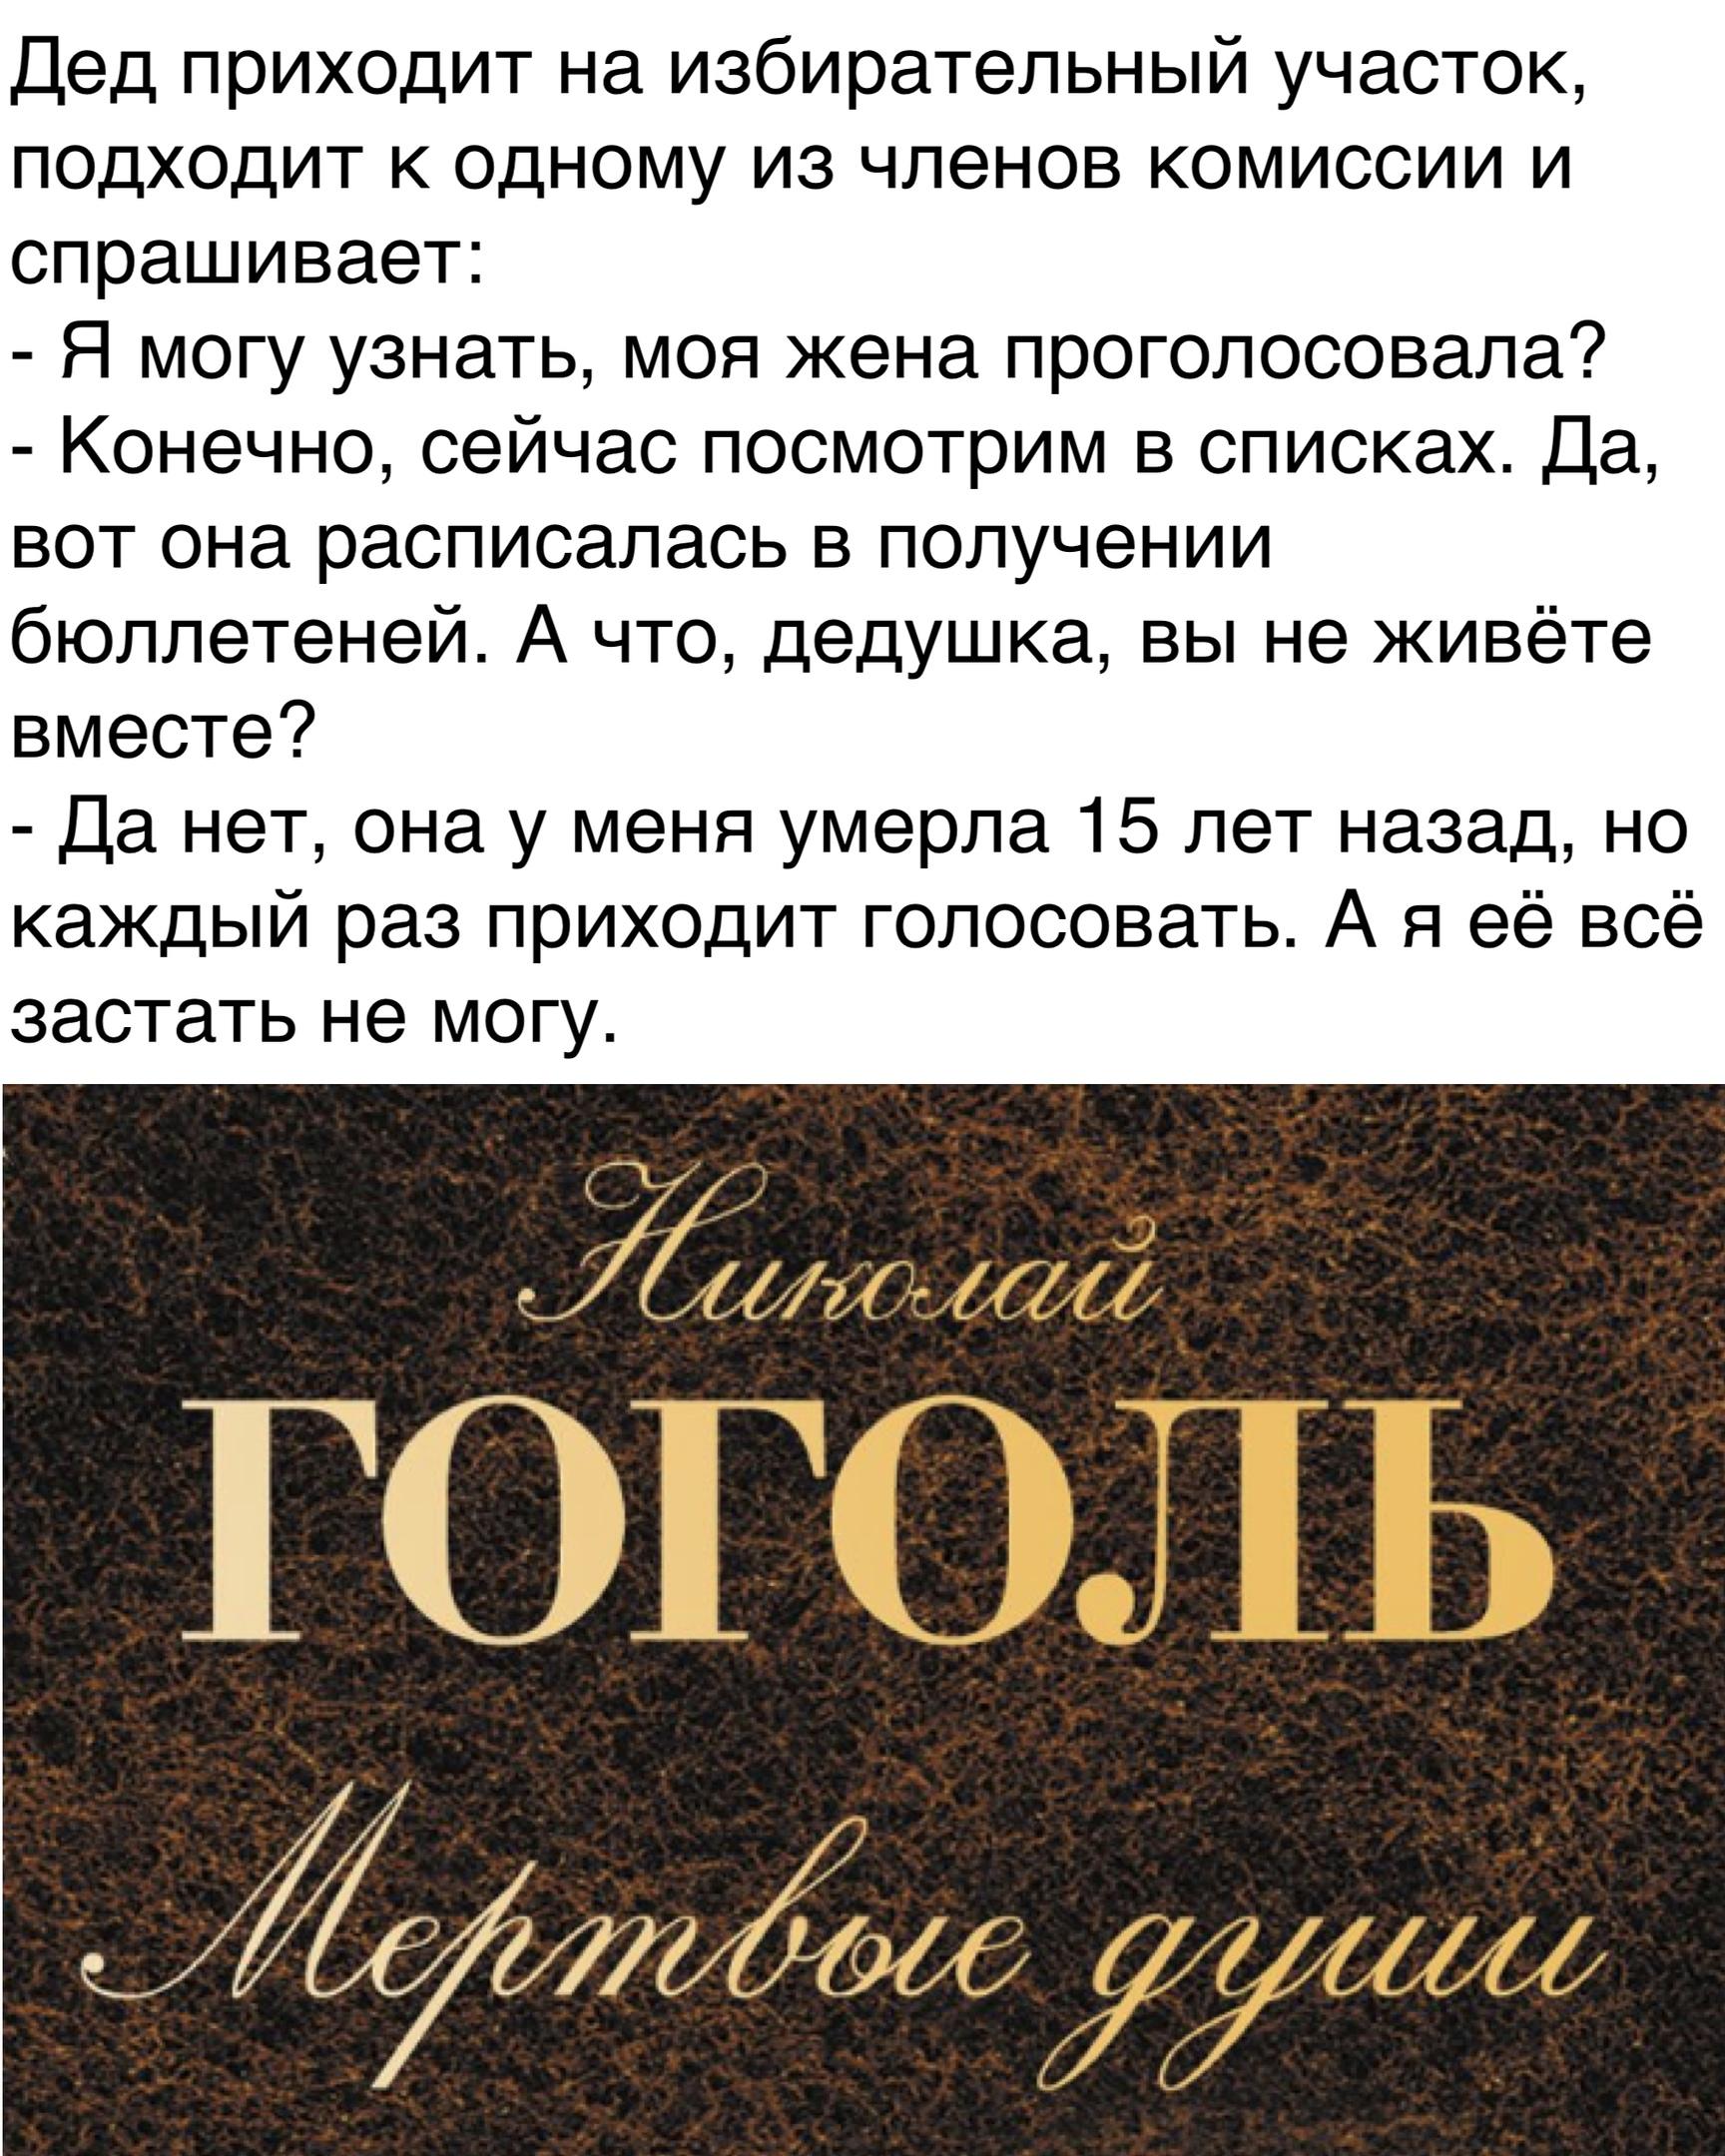 https://pp.userapi.com/c846418/v846418893/b5da8/tR2LvivkrAg.jpg